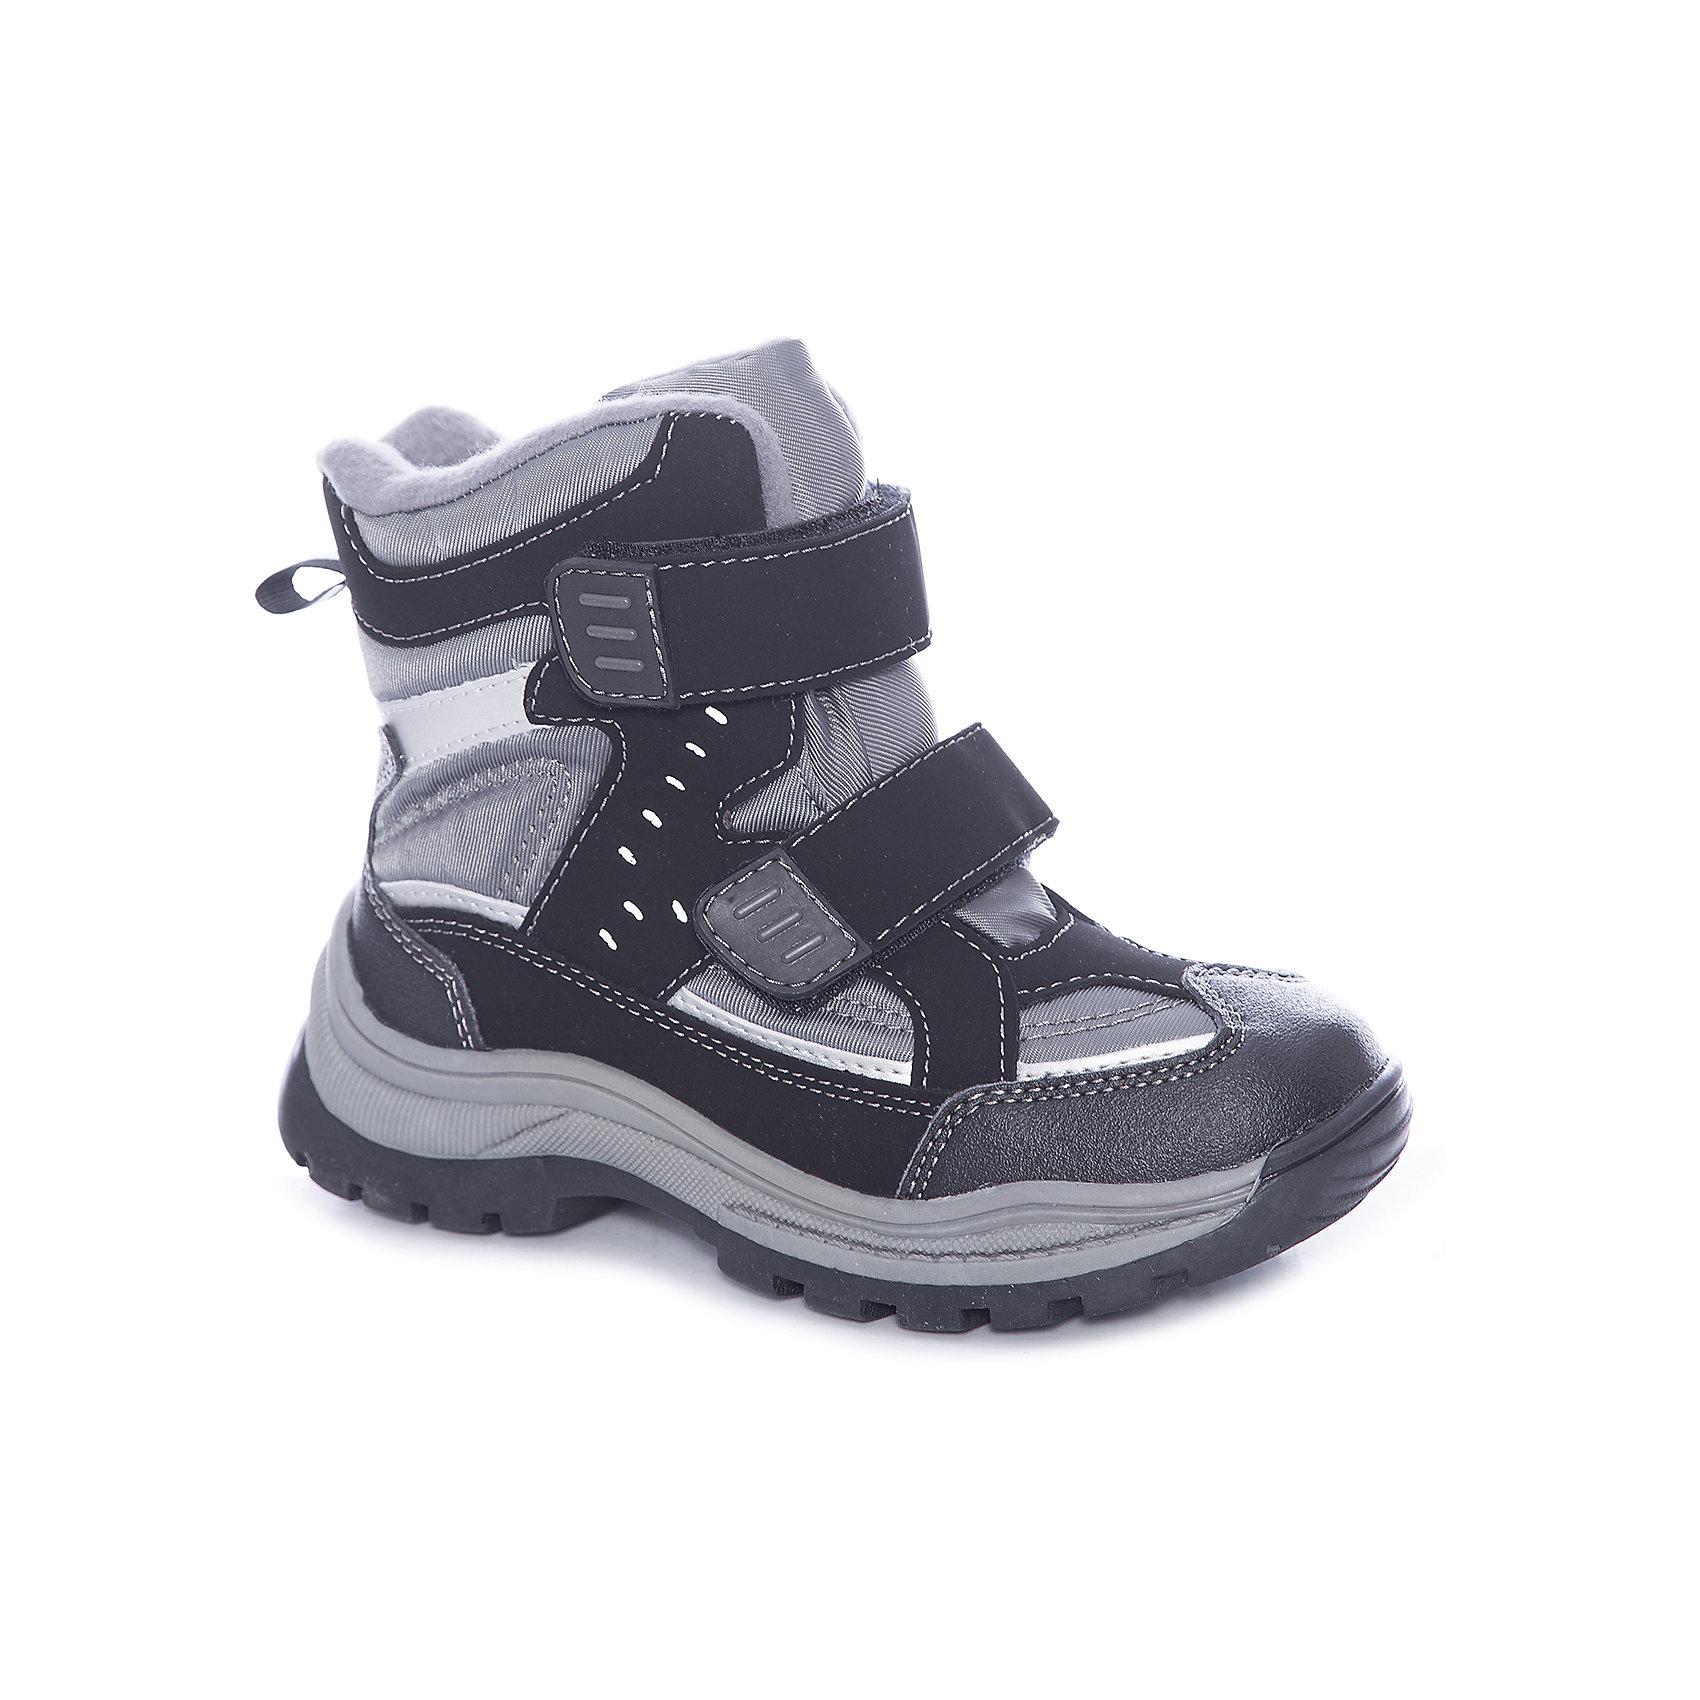 Ботинки для мальчика ScoolБотинки<br>Ботинки для мальчика Scool – удобство и комфорт в одной обуви.<br>Мягкие ботинки выполнены из искусственной кожи и текстиля. Застегиваются на липучки, что очень удобно для детей. Подошва с рифлением против скольжения. Не пропускают влагу, оставляя ноги сухими и теплыми. Сами ботинки сделаны с учетом правильного формирования стопы. <br><br>Дополнительная информация:<br><br>- материал: 60% искусственная кожа, 40% ПЭ<br>- цвет: серый<br><br>Ботинки для мальчика Scool можно купить в нашем интернет магазине.<br><br>Ширина мм: 257<br>Глубина мм: 180<br>Высота мм: 130<br>Вес г: 420<br>Цвет: черный<br>Возраст от месяцев: 144<br>Возраст до месяцев: 156<br>Пол: Мужской<br>Возраст: Детский<br>Размер: 36,34,37,31,32,38,35,33<br>SKU: 4911756